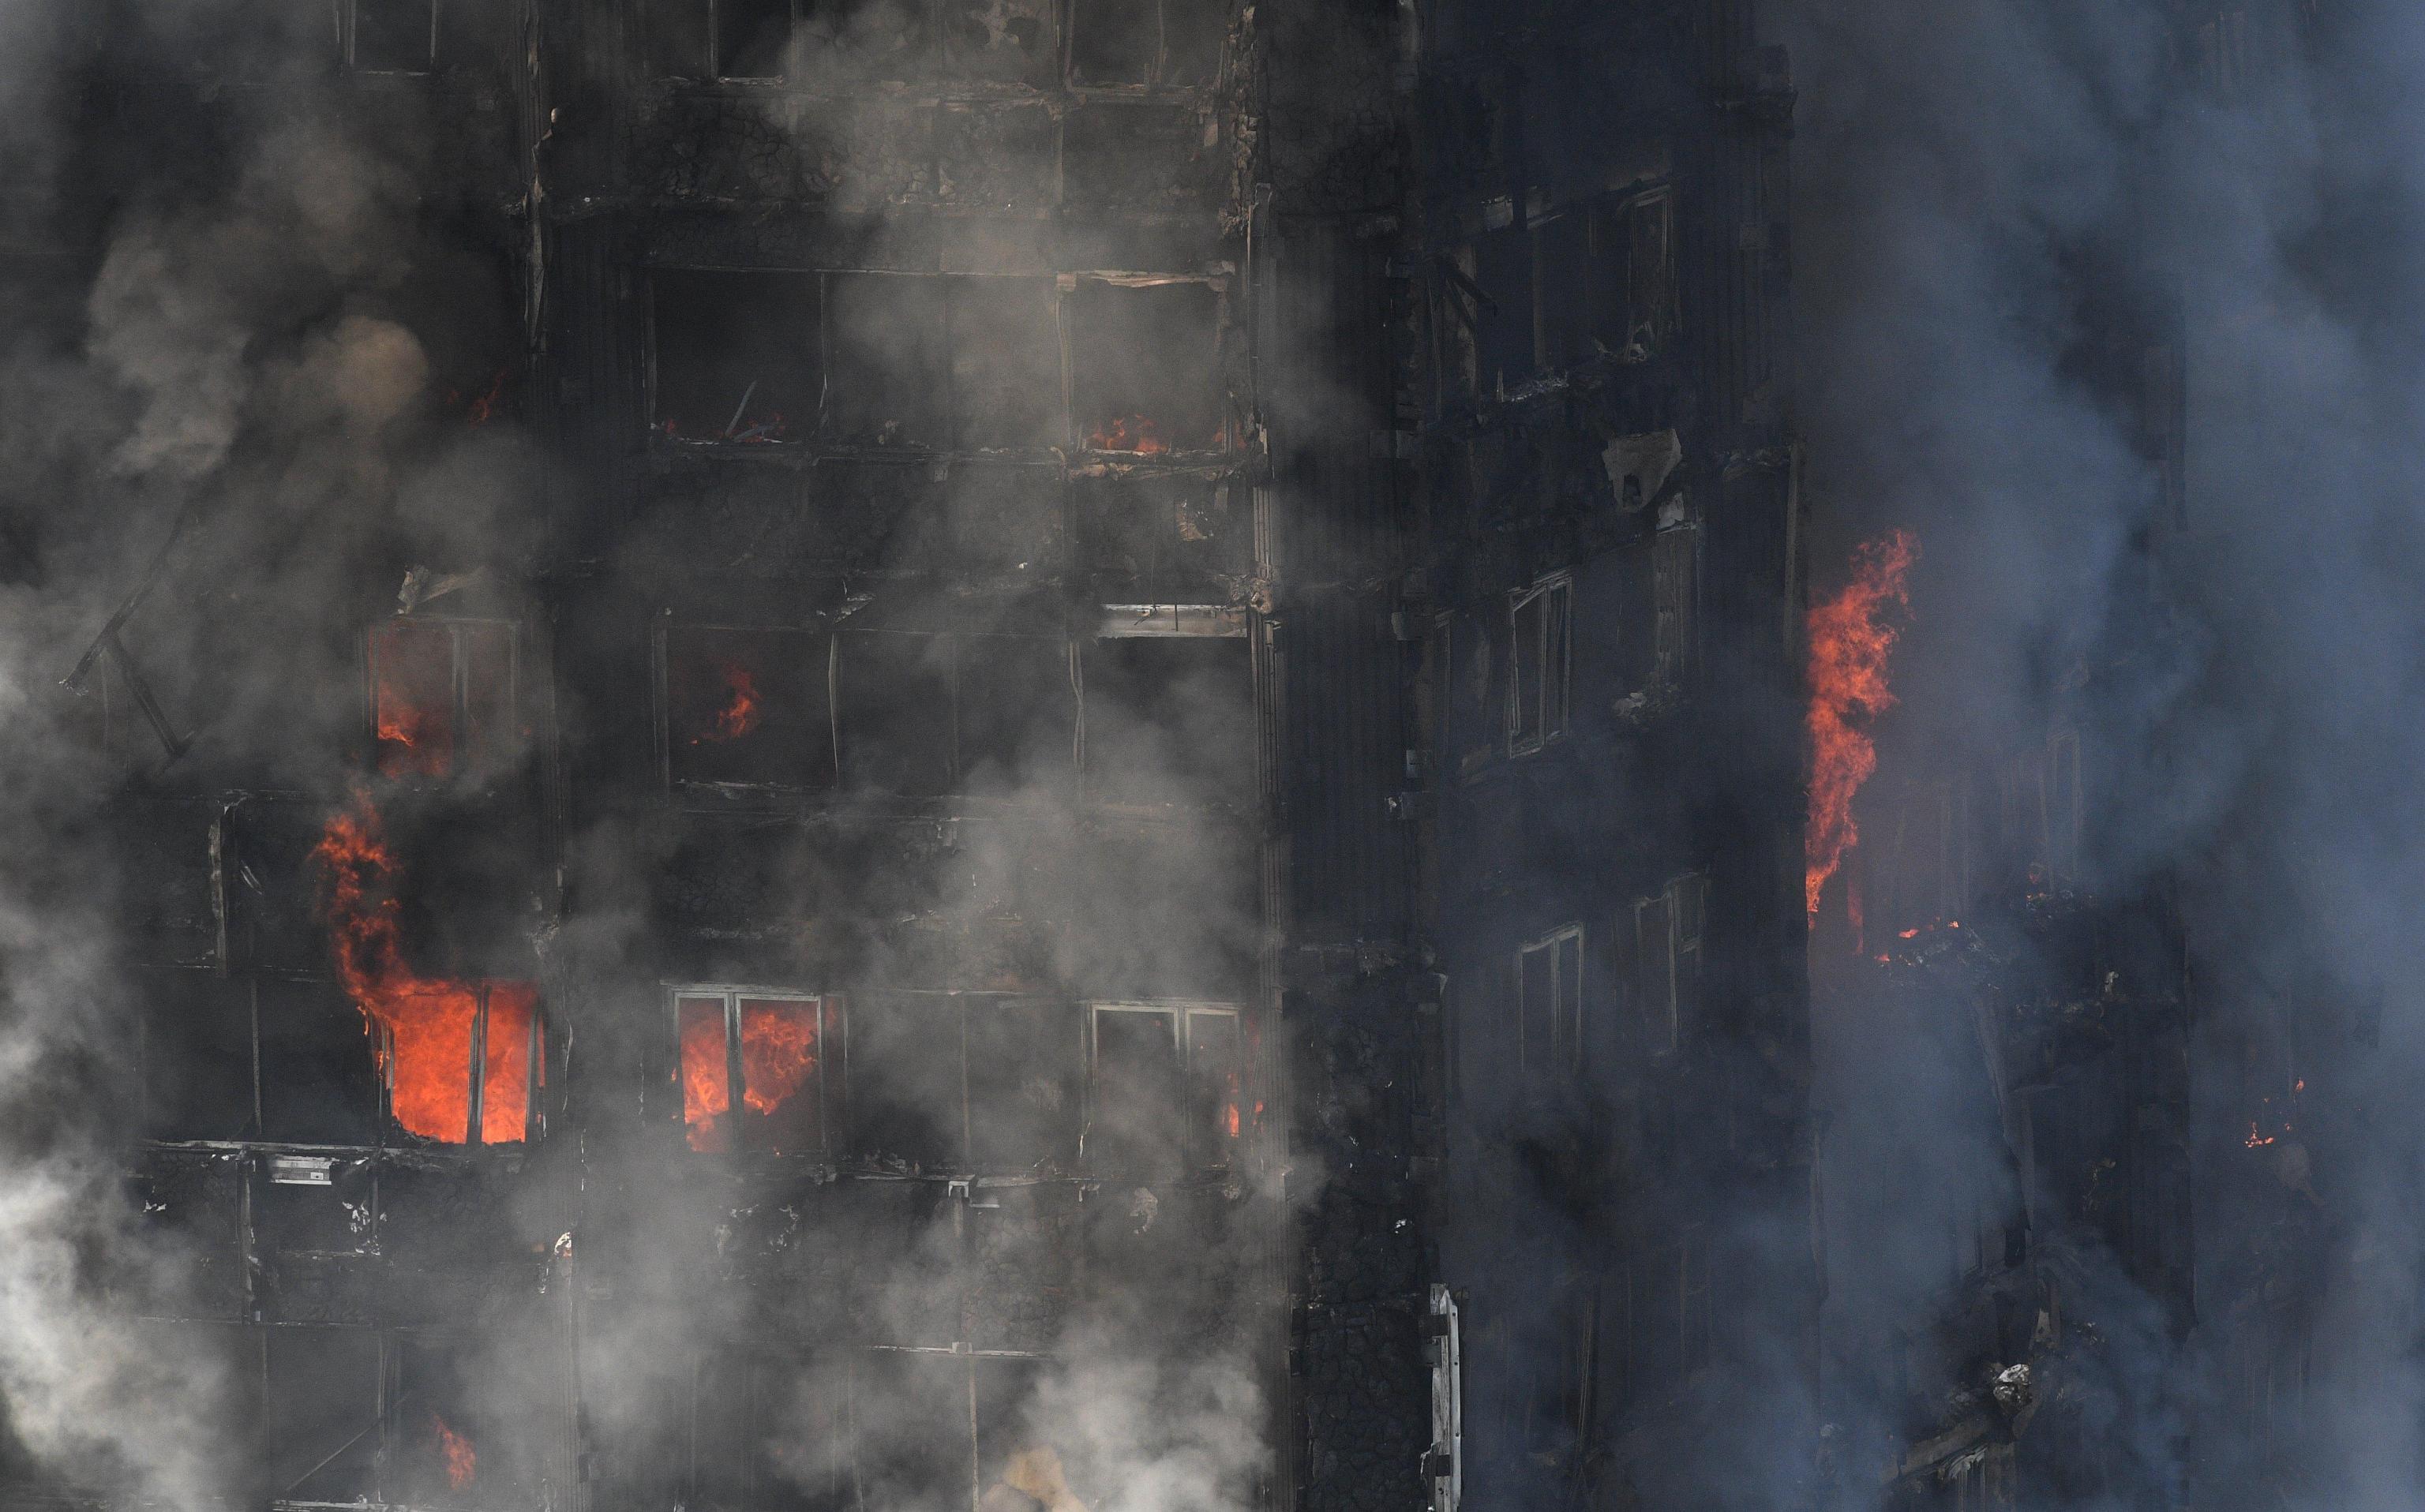 Incendio grattacielo Londra: «Colpa di un frigo, mesi per riconoscere i corpi»